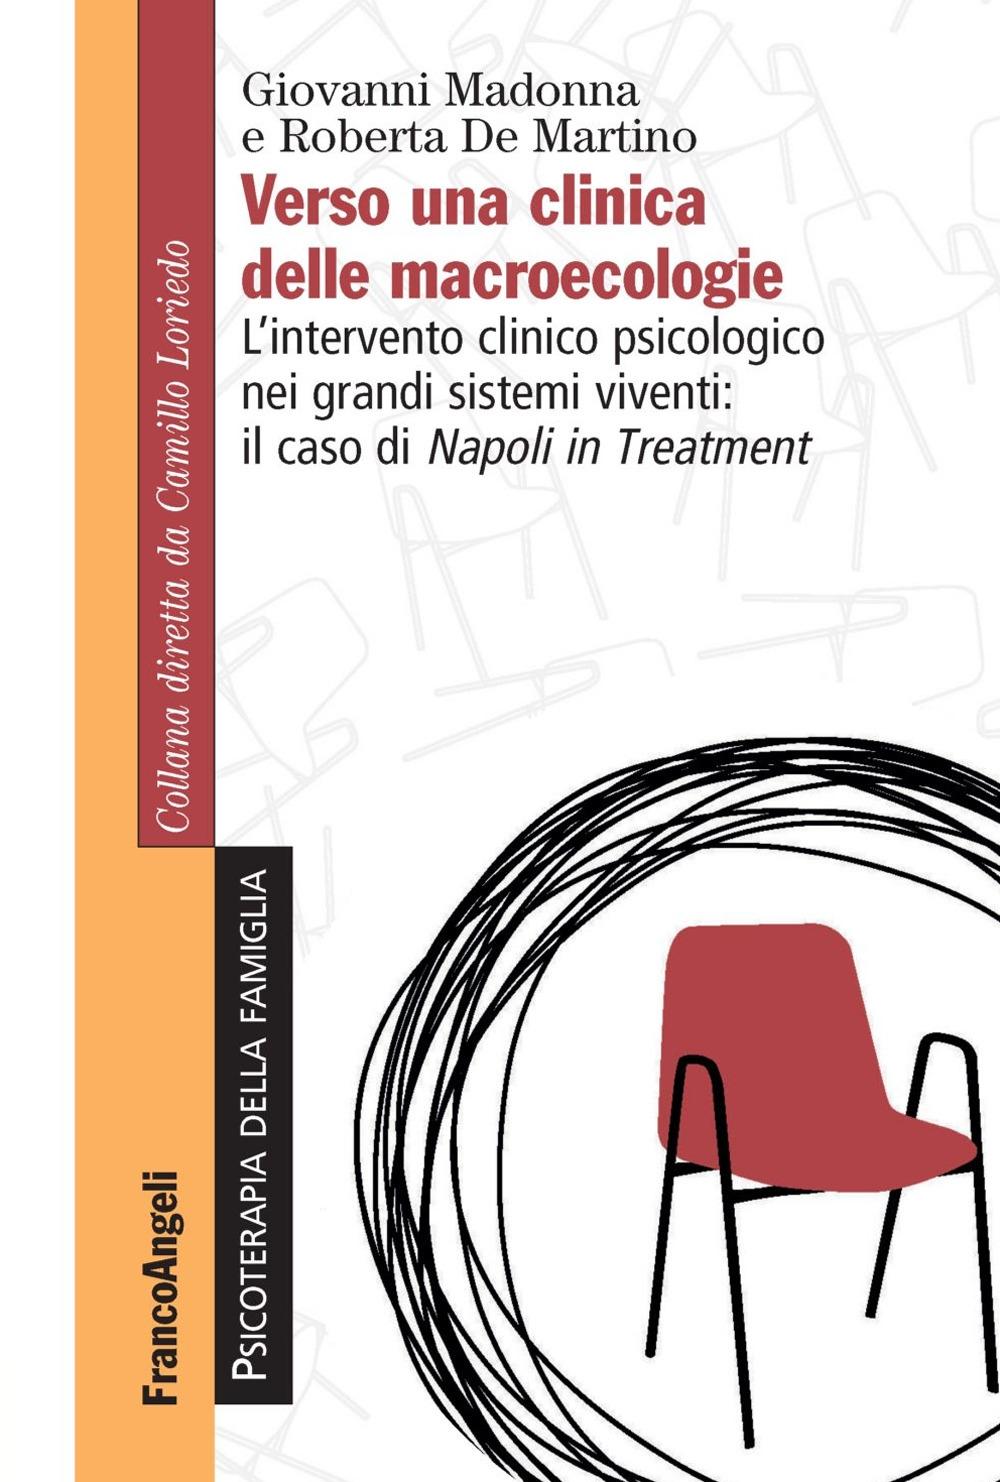 Verso una clinica delle macroecologie. L'intervento clinico psicologico nei grandi sistemi viventi: il caso di Napoli in Treatment